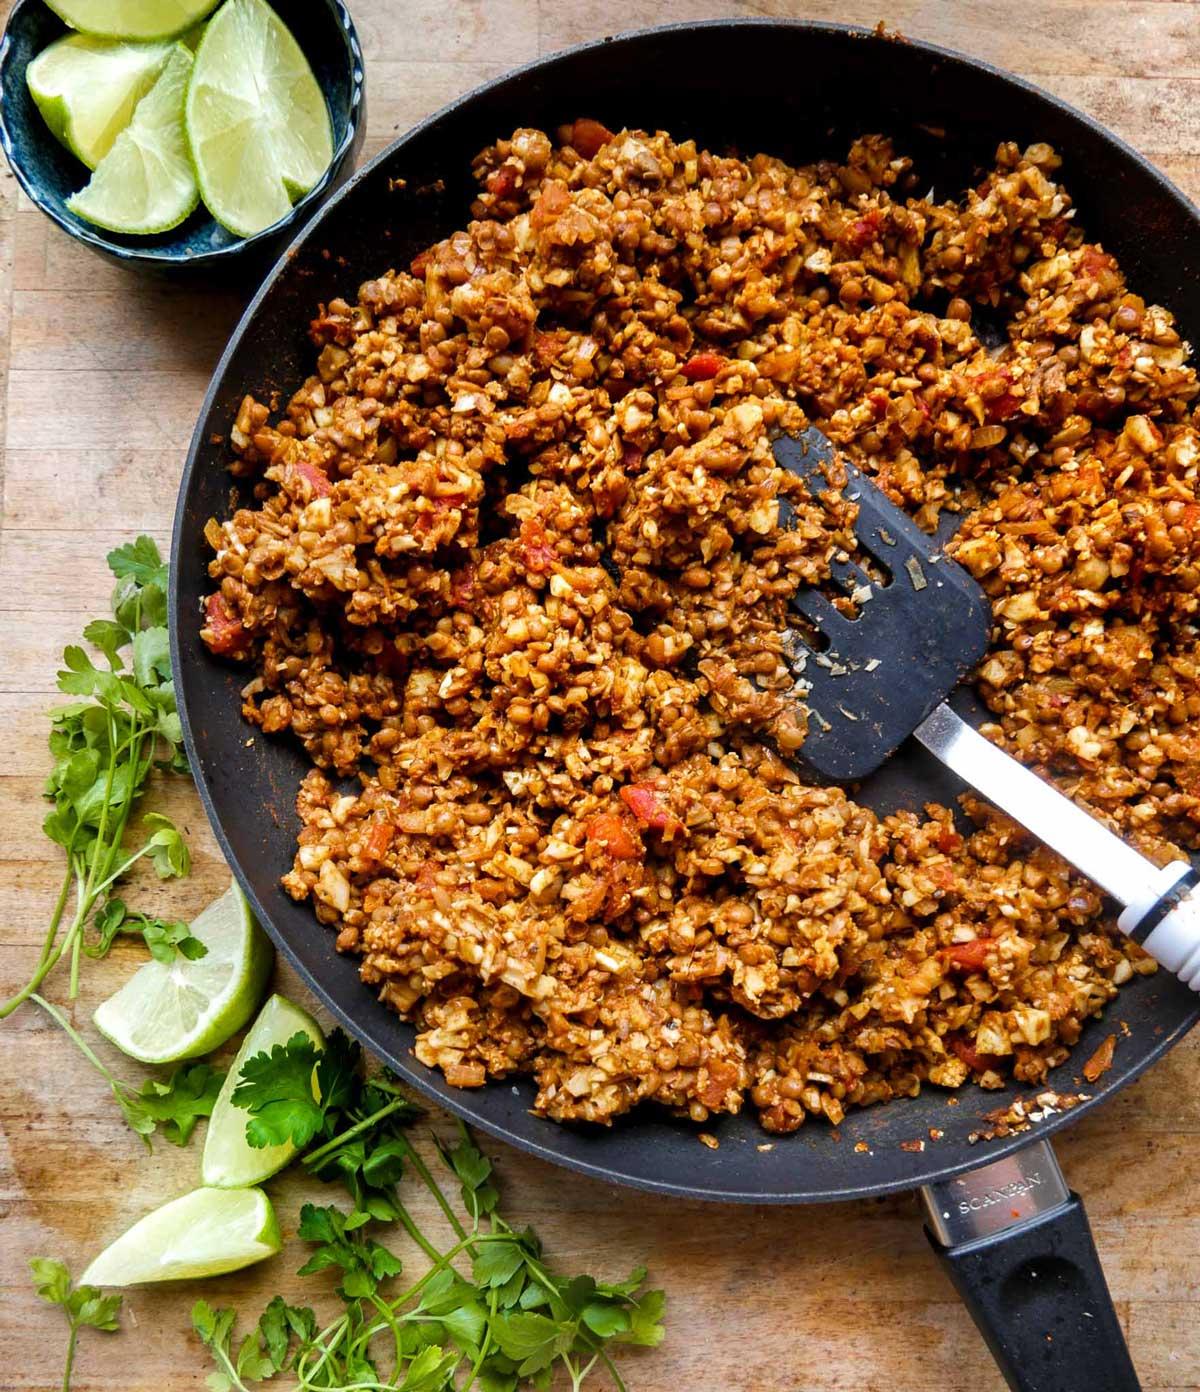 fyld til tacos uden kød